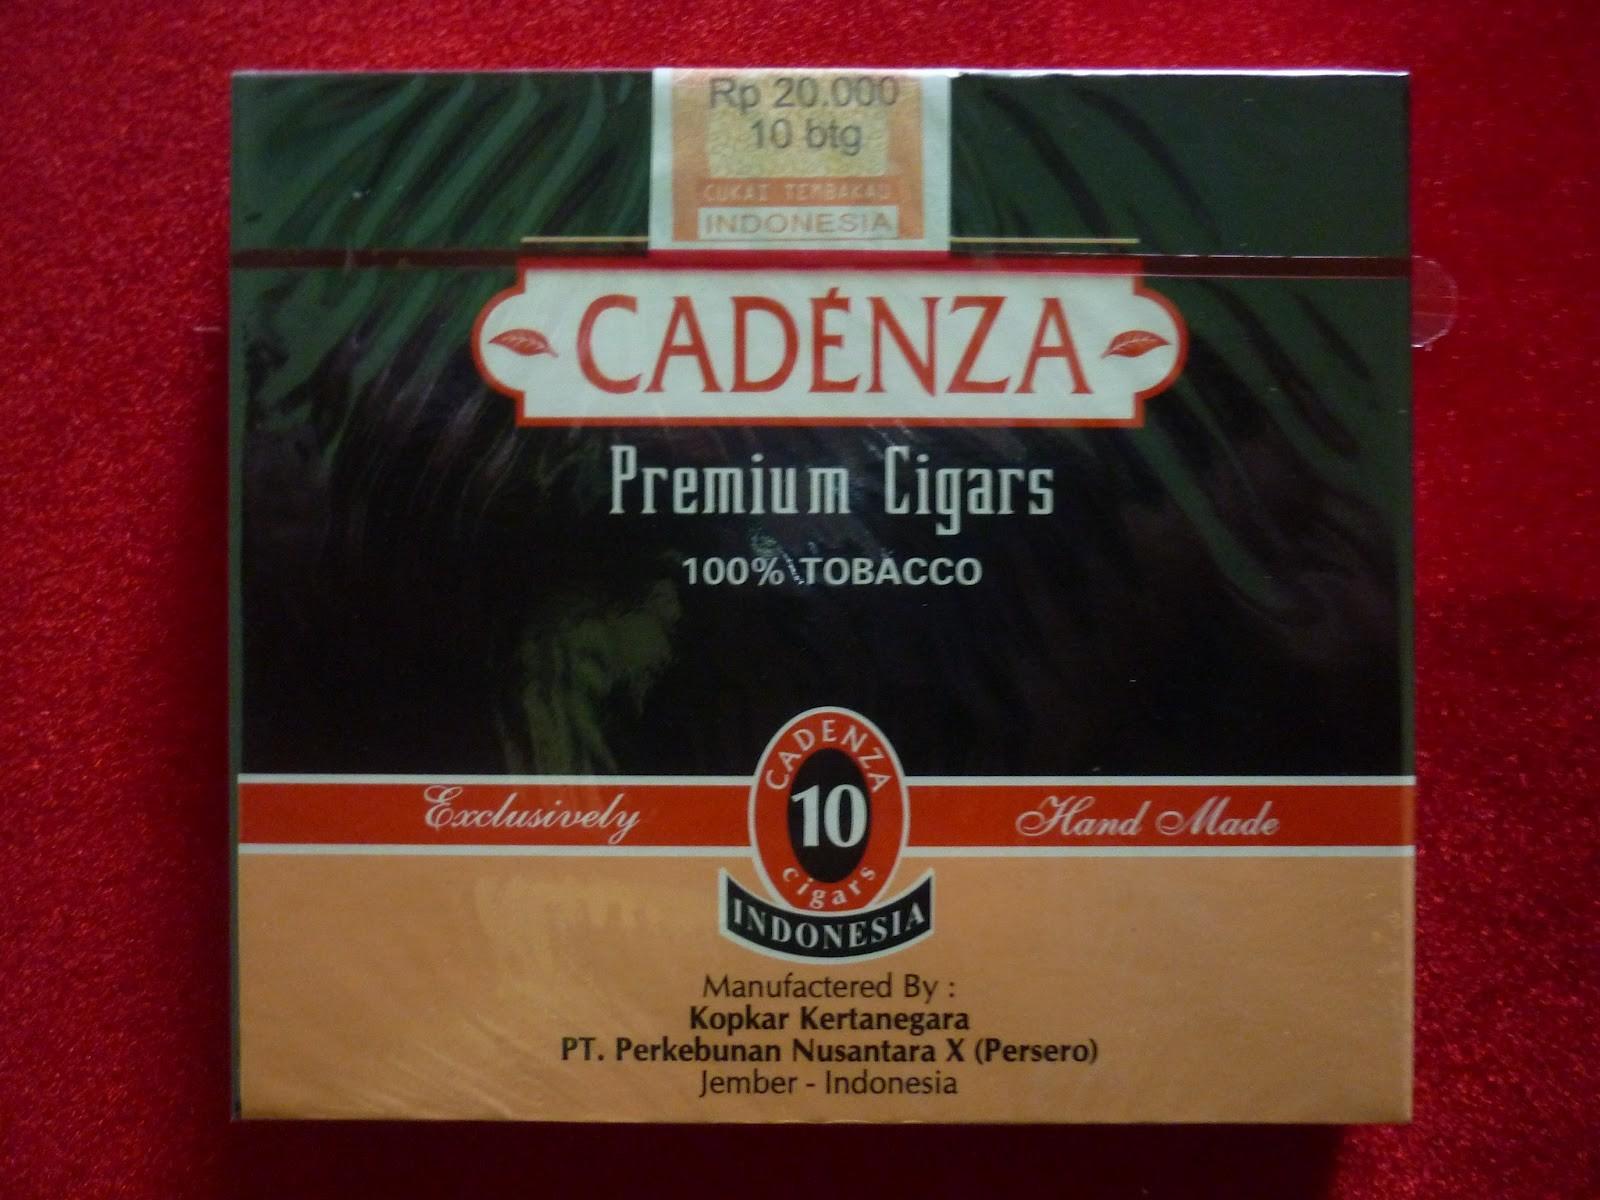 Cadenza Premium Cigars